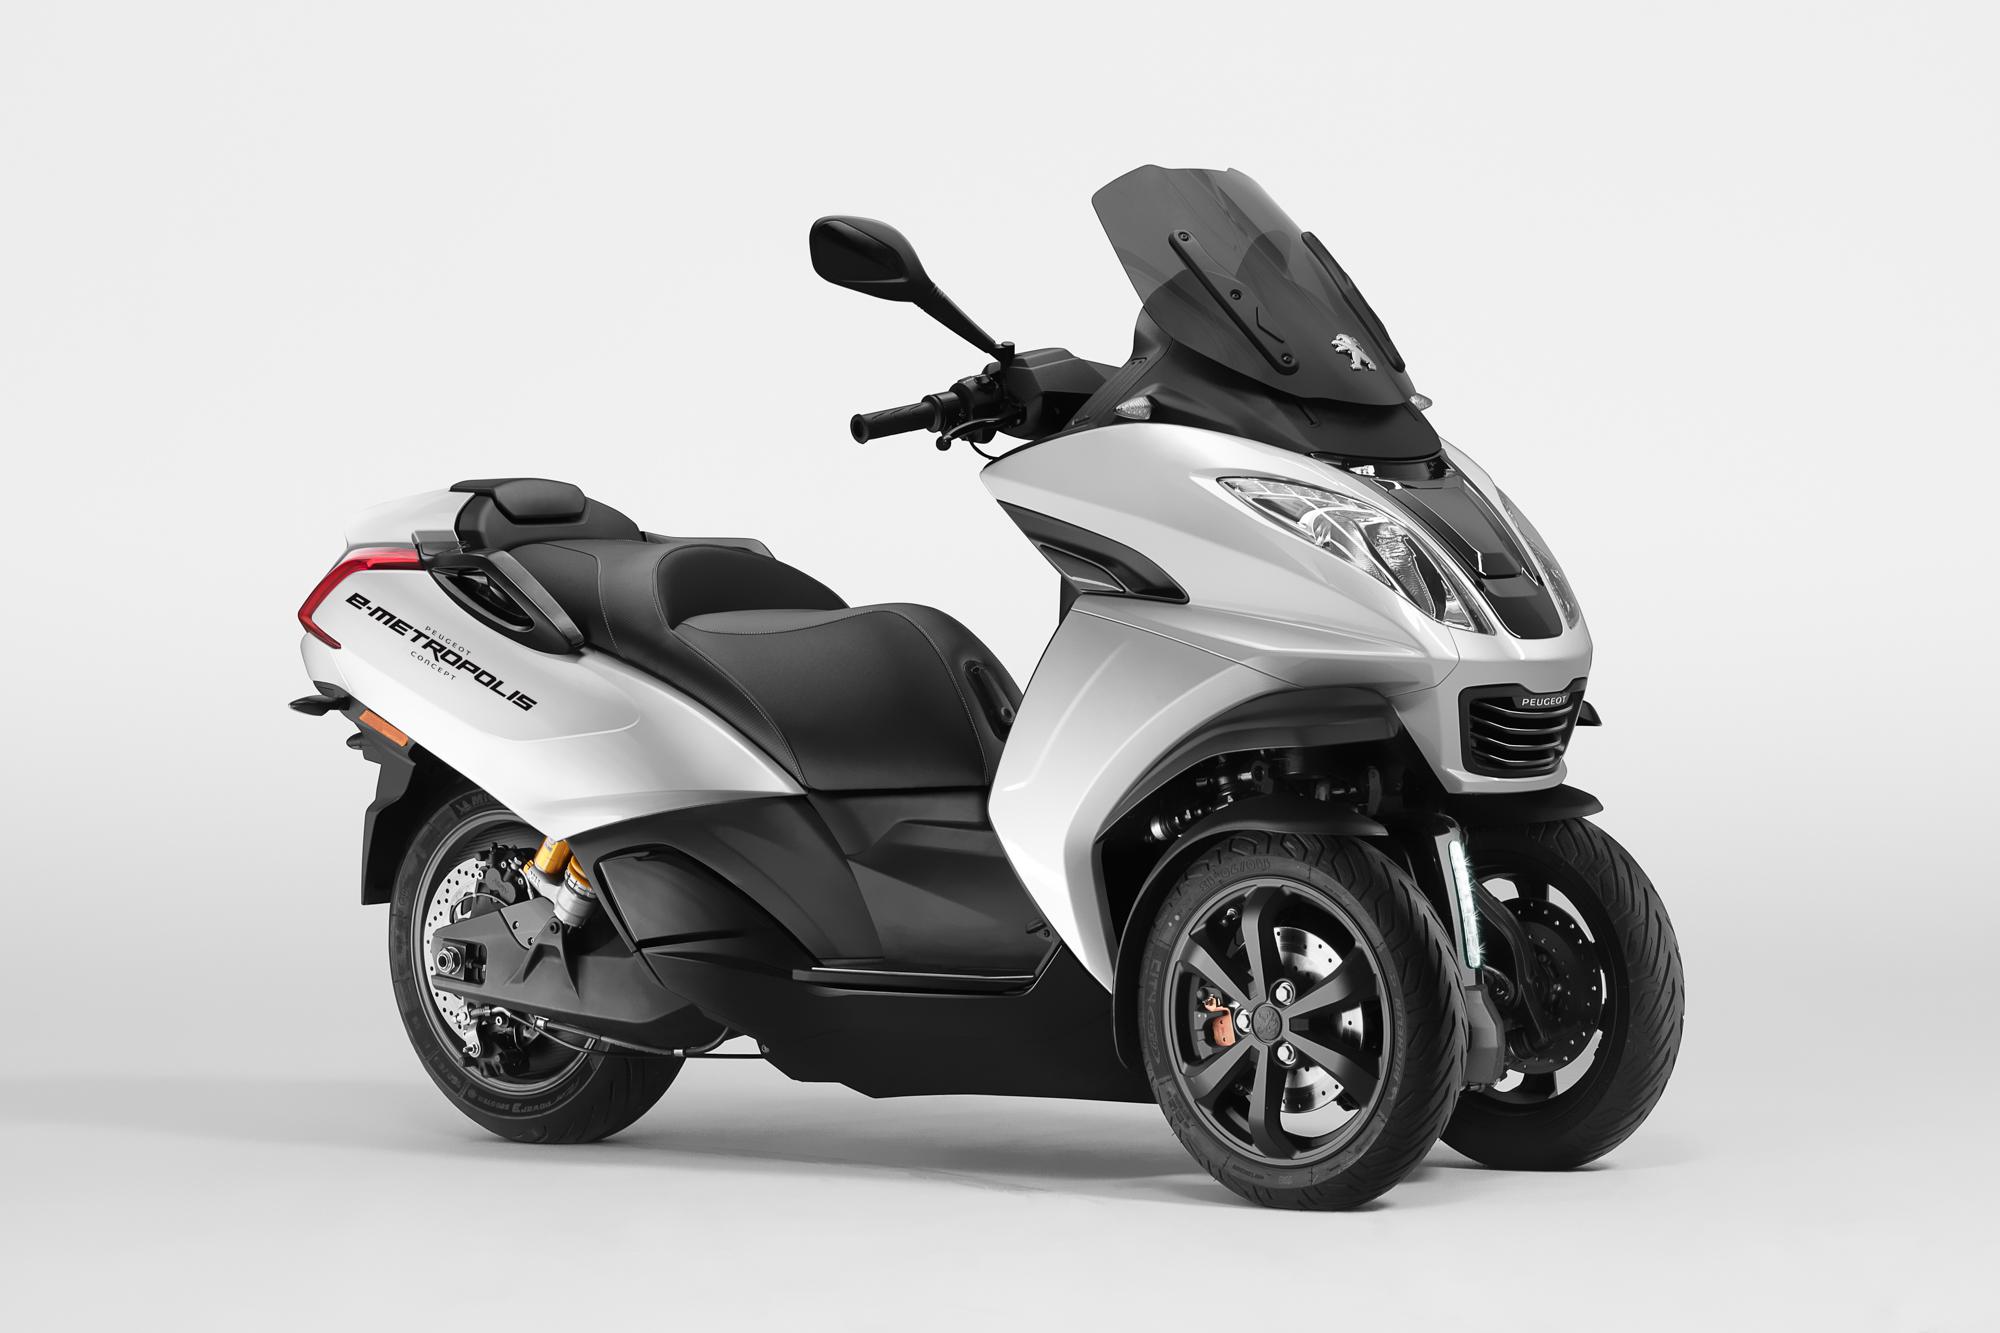 Peugeot Motocycles e-Metropolis